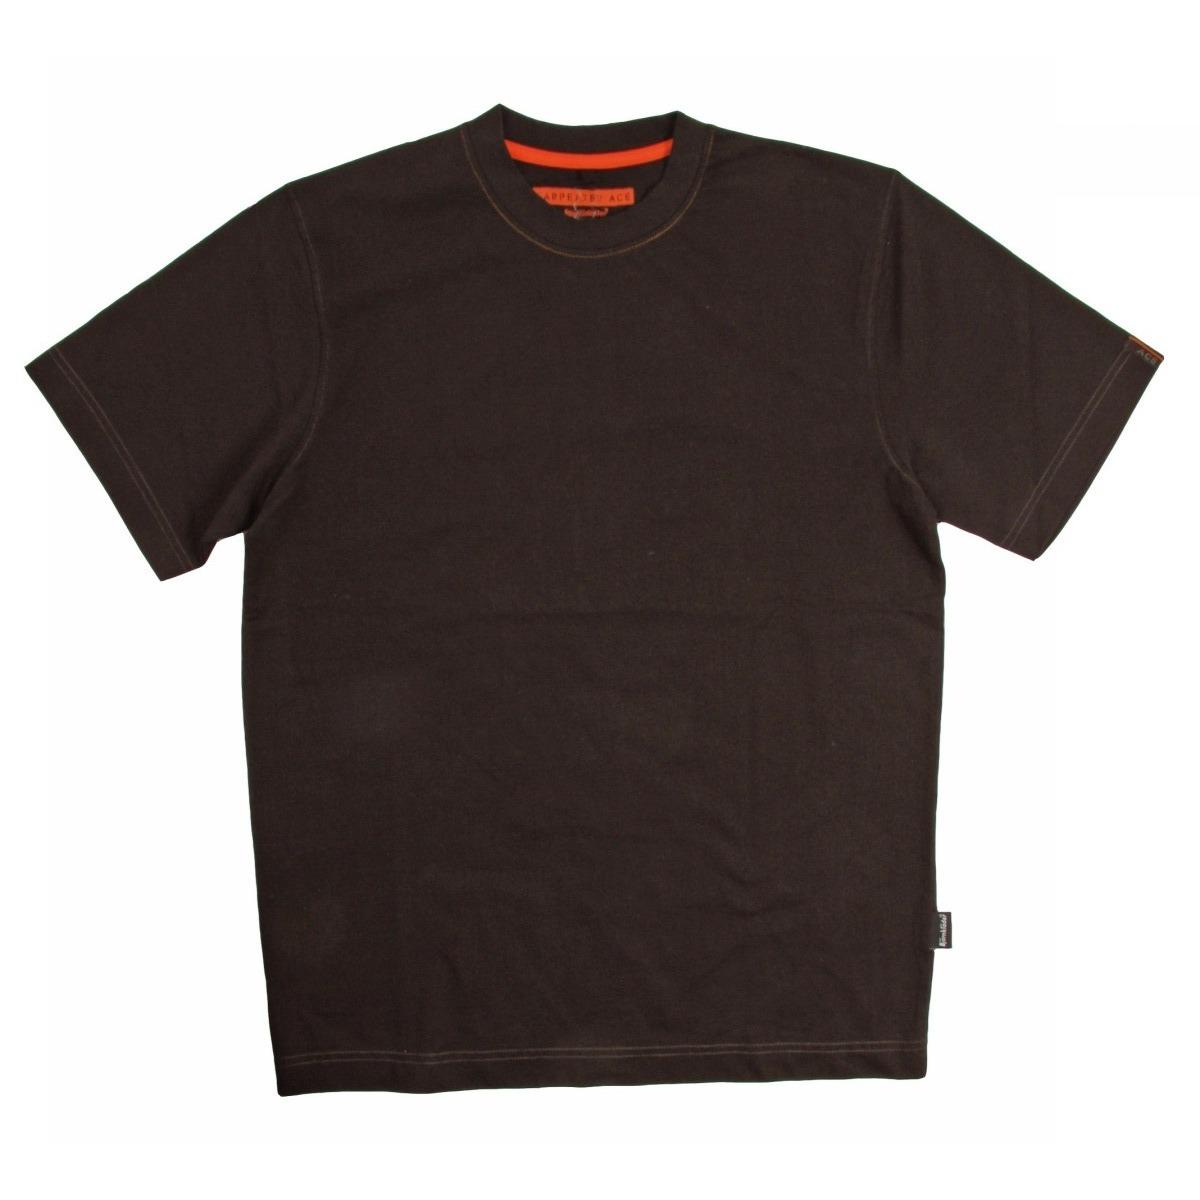 ACE T-shirt Black - FaceLine Inc Store